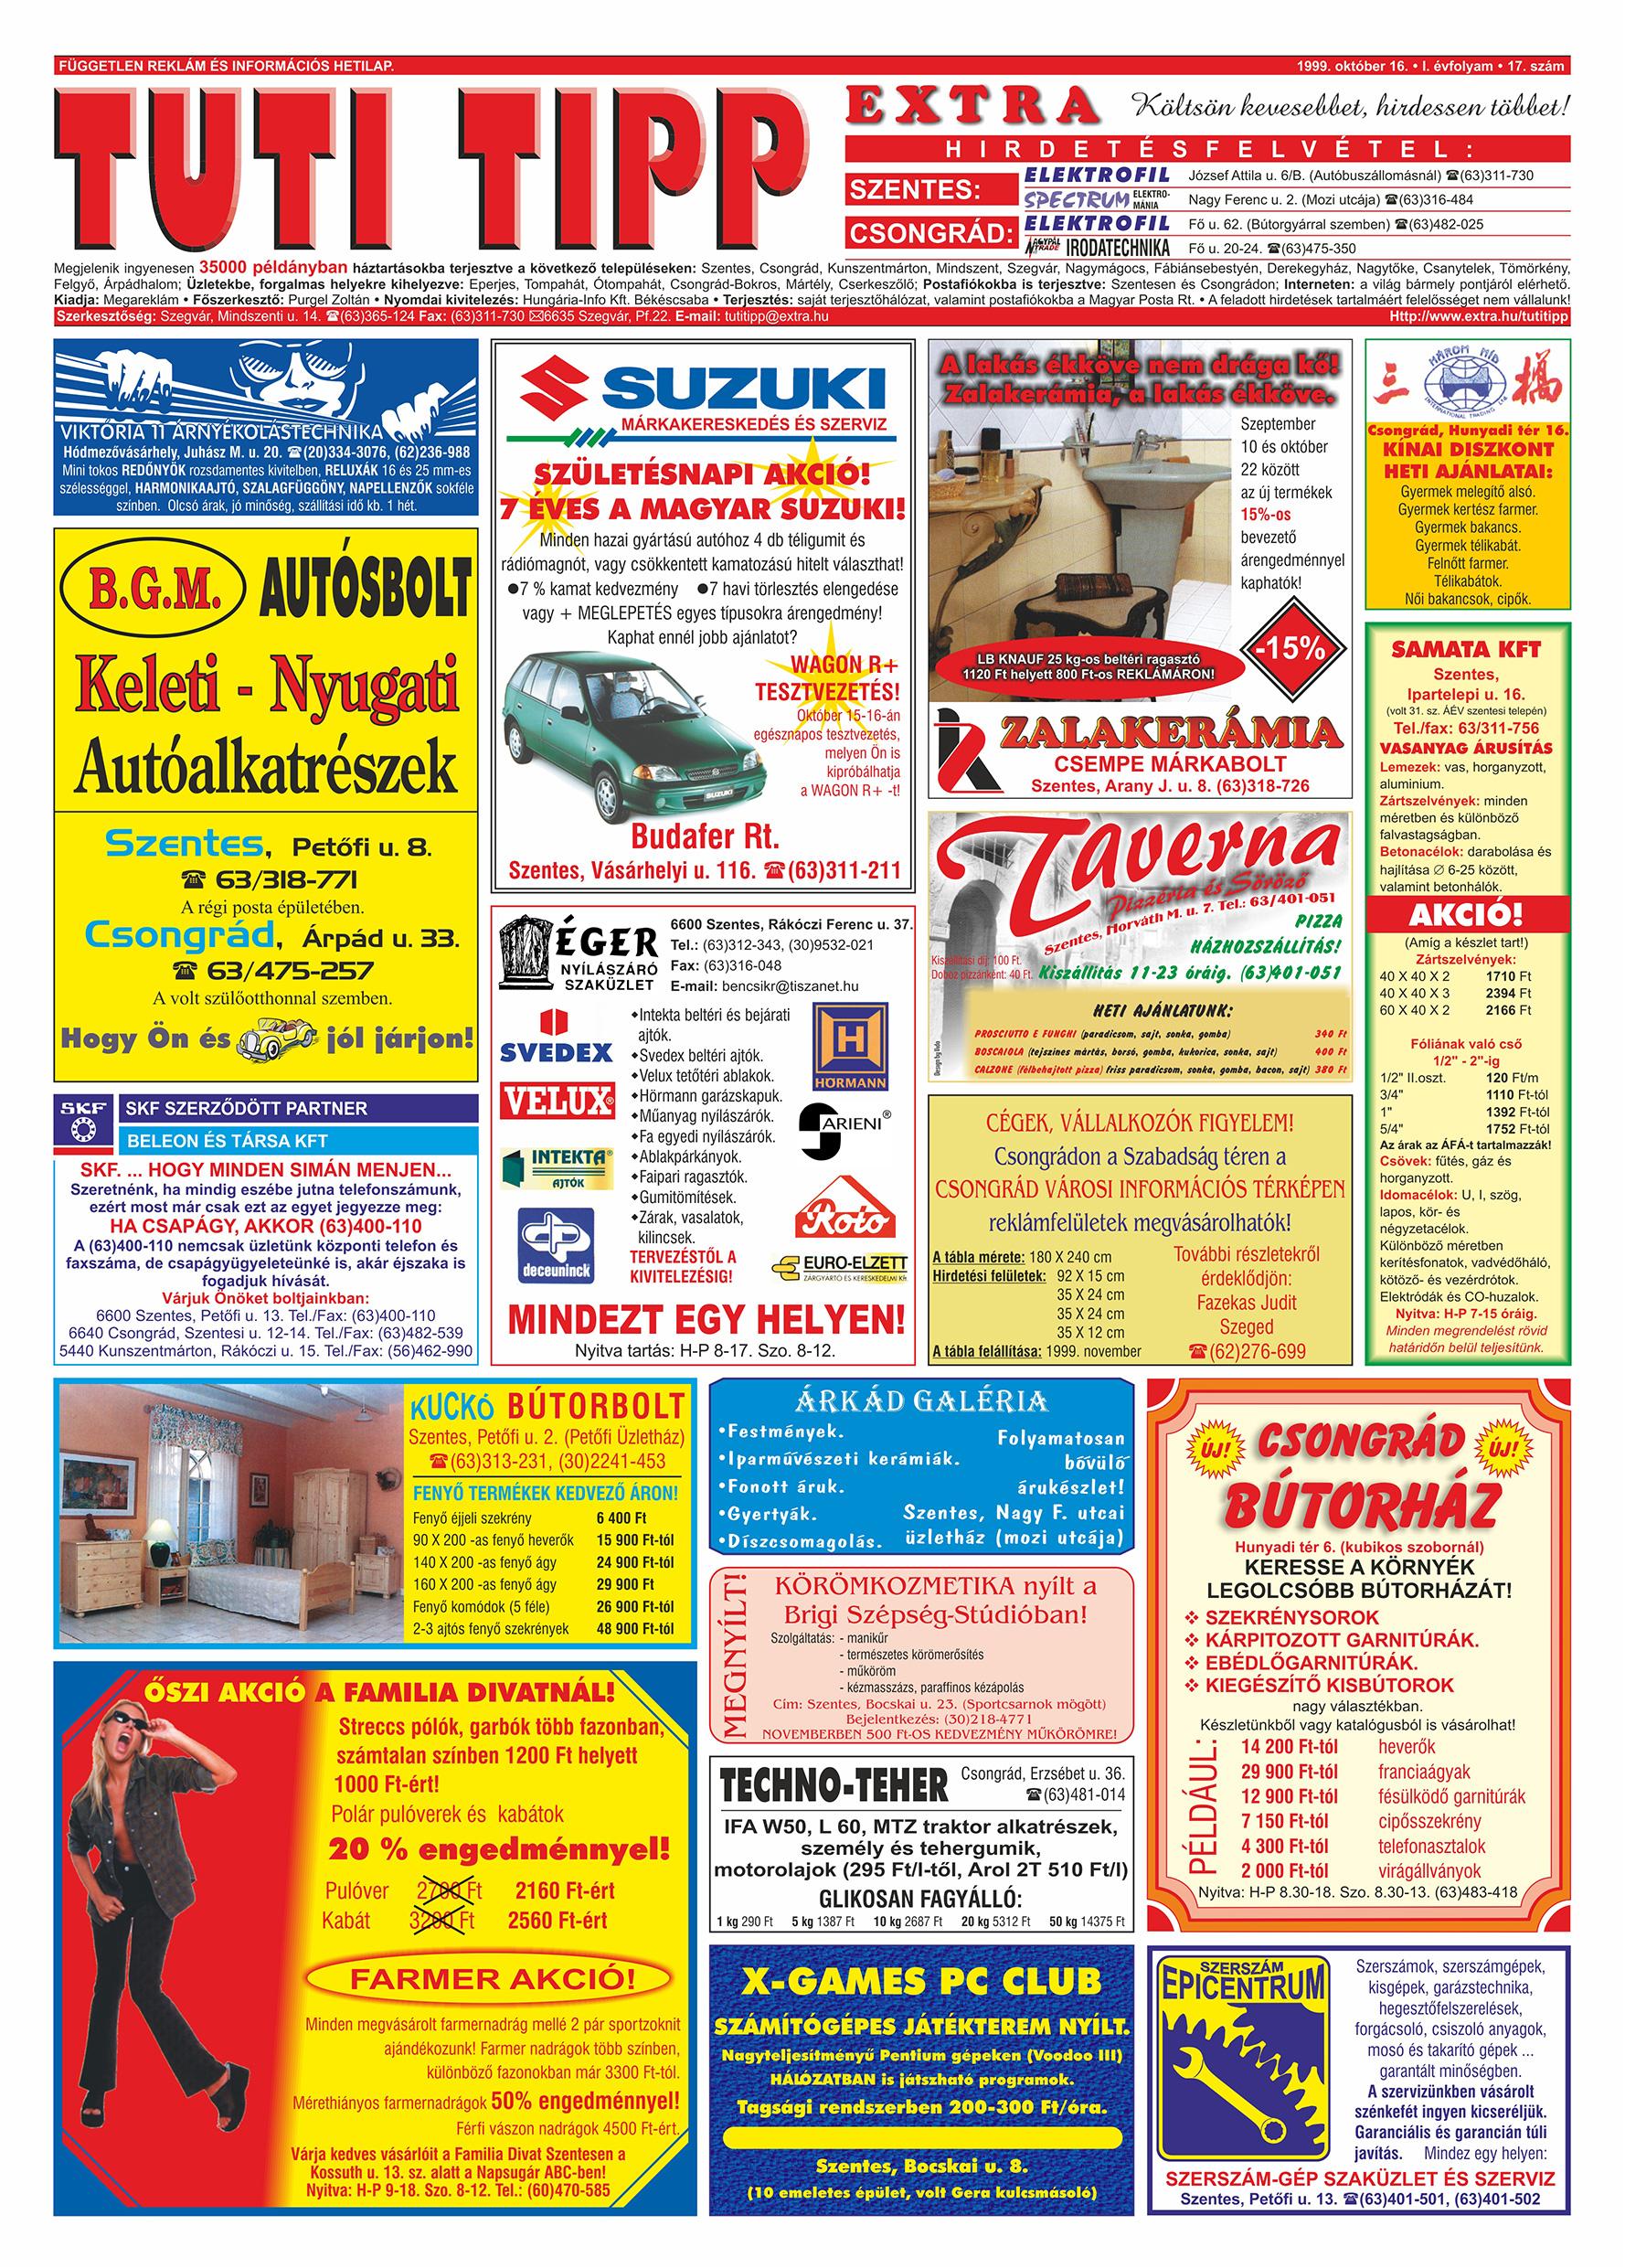 059 Tuti Tipp Extra reklámújság - 19991016-017. lapszám - 1.oldal - V. évfolyam.jpg